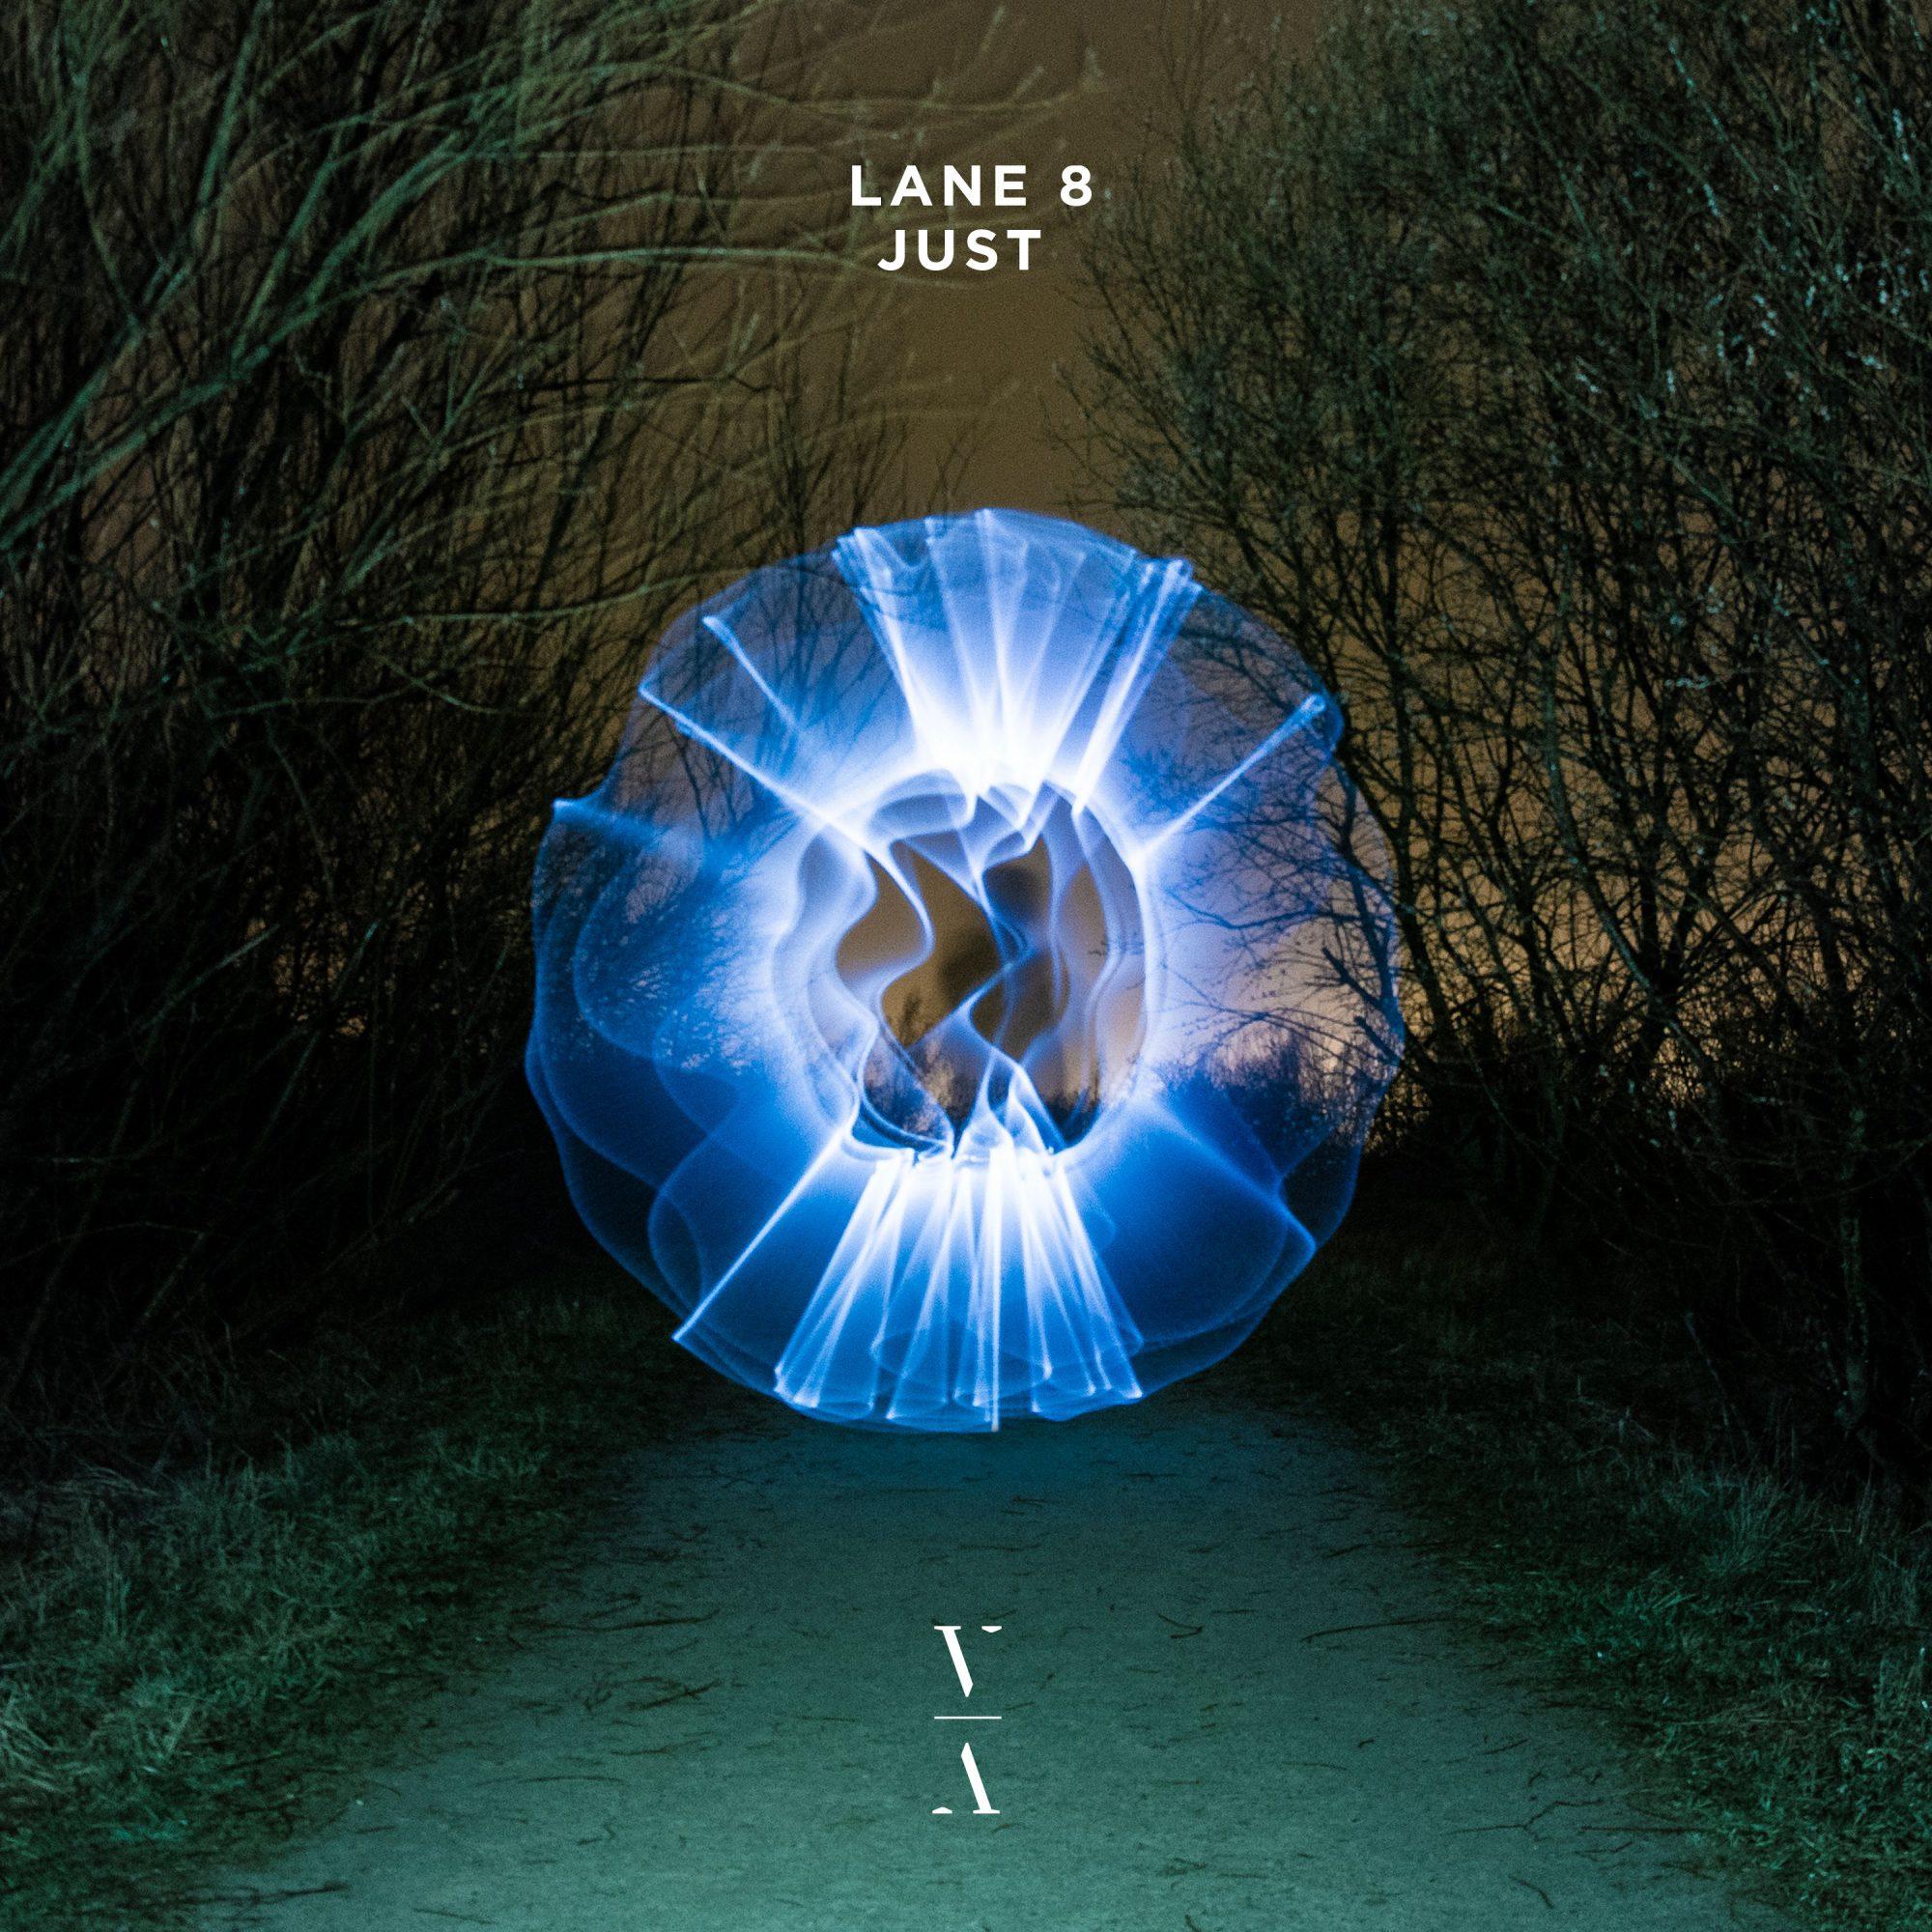 Lane 8 Just